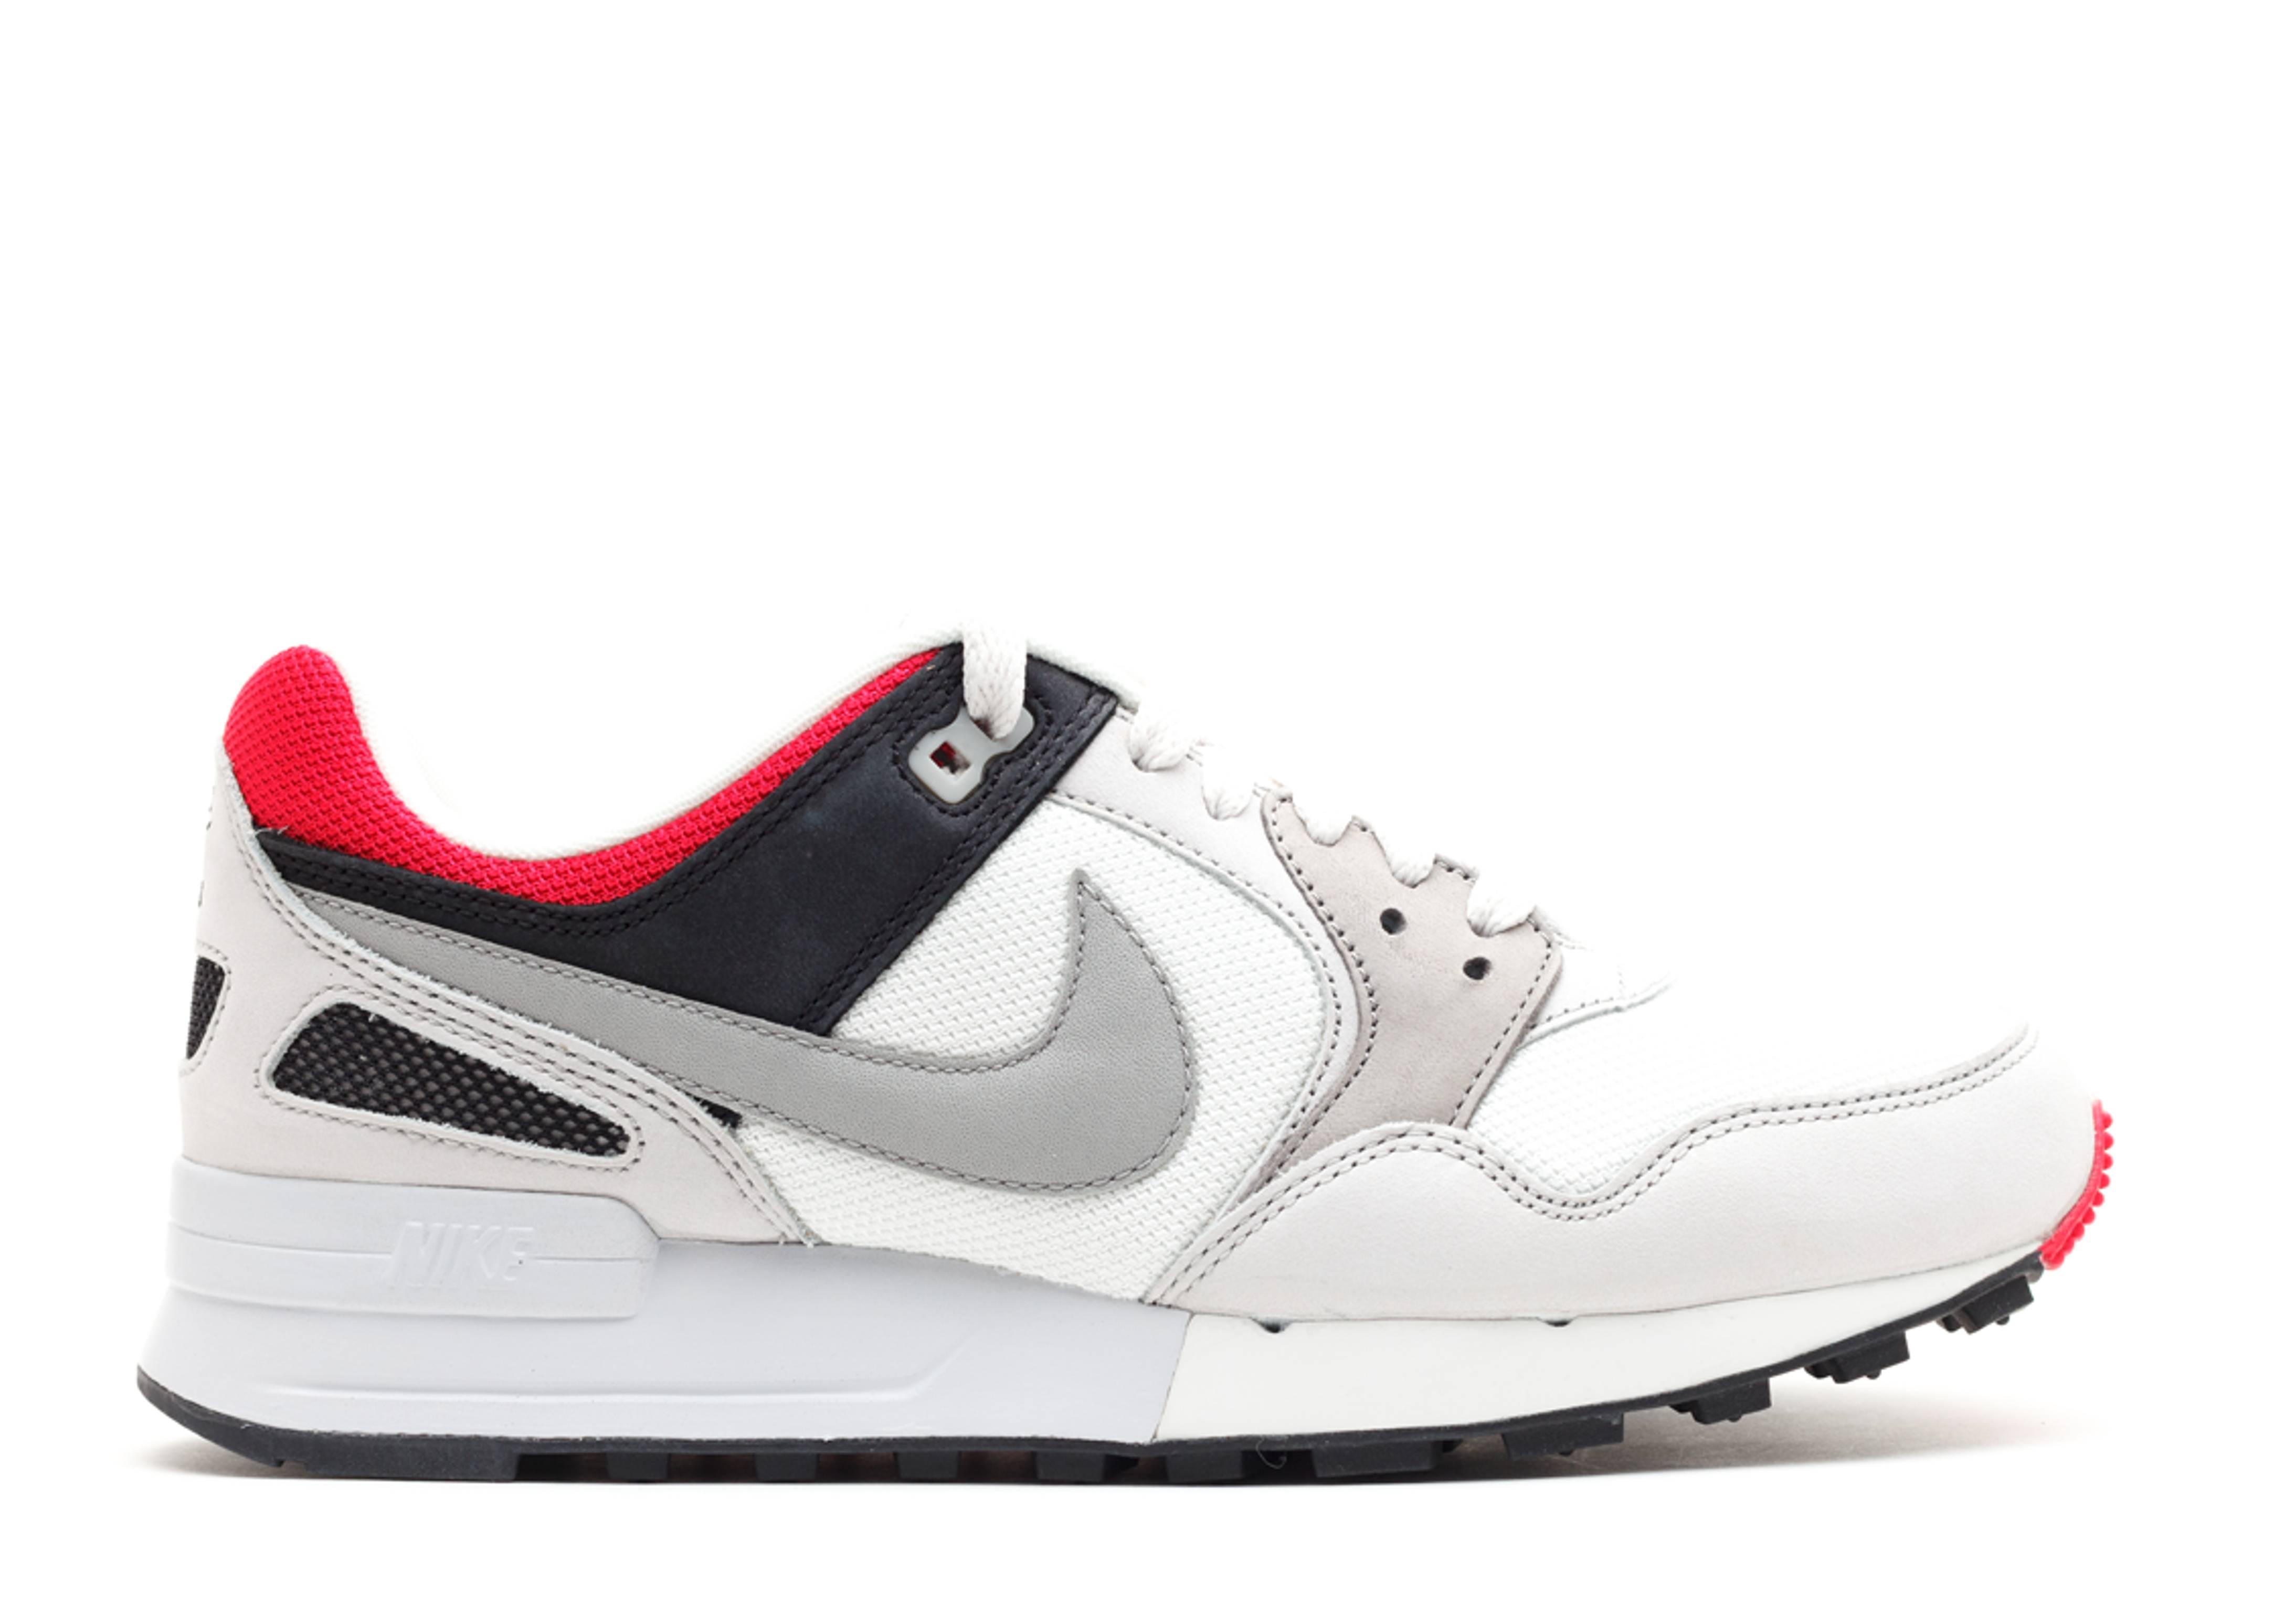 a3be1172c5e6 Air Pegasus 89 Qs - Nike - 615148 100 - swan medium grey